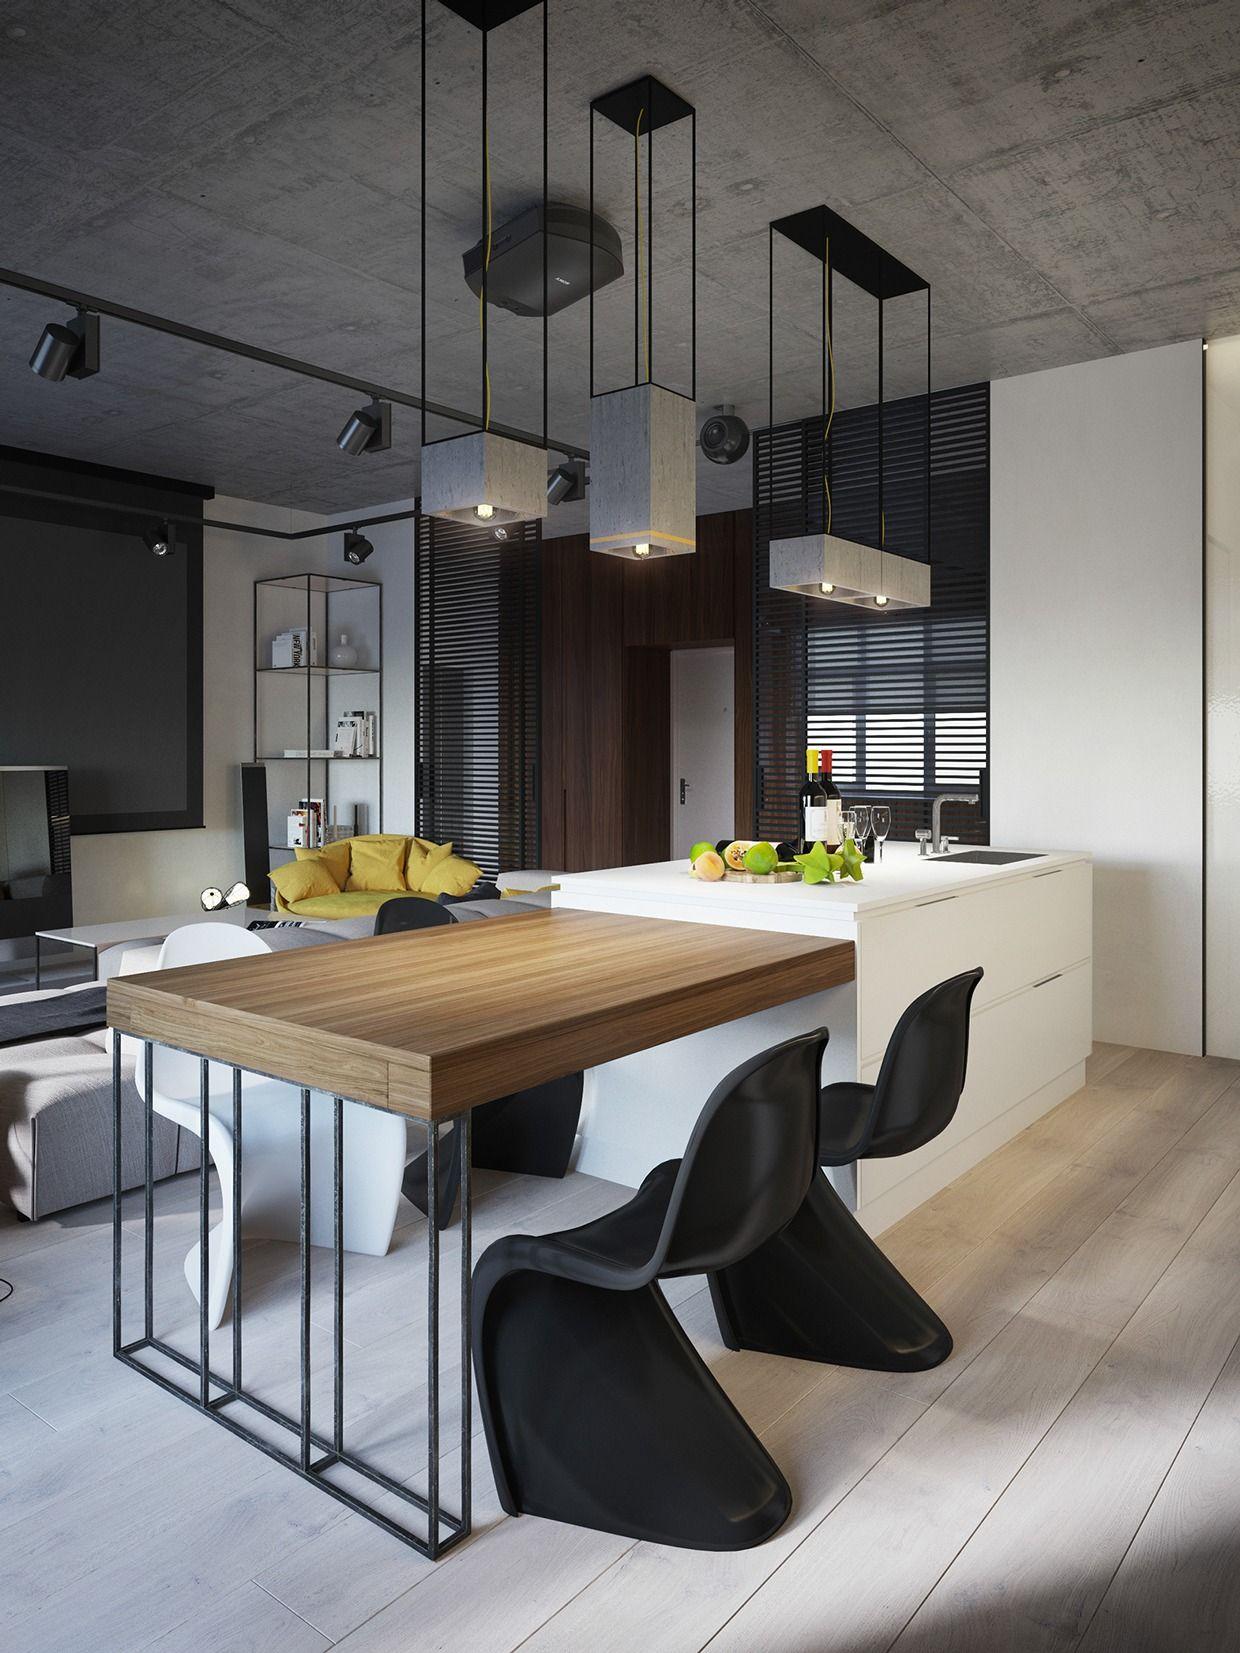 Inspiratieboost: verleng je keukeneiland met een eettafel | Küche ...